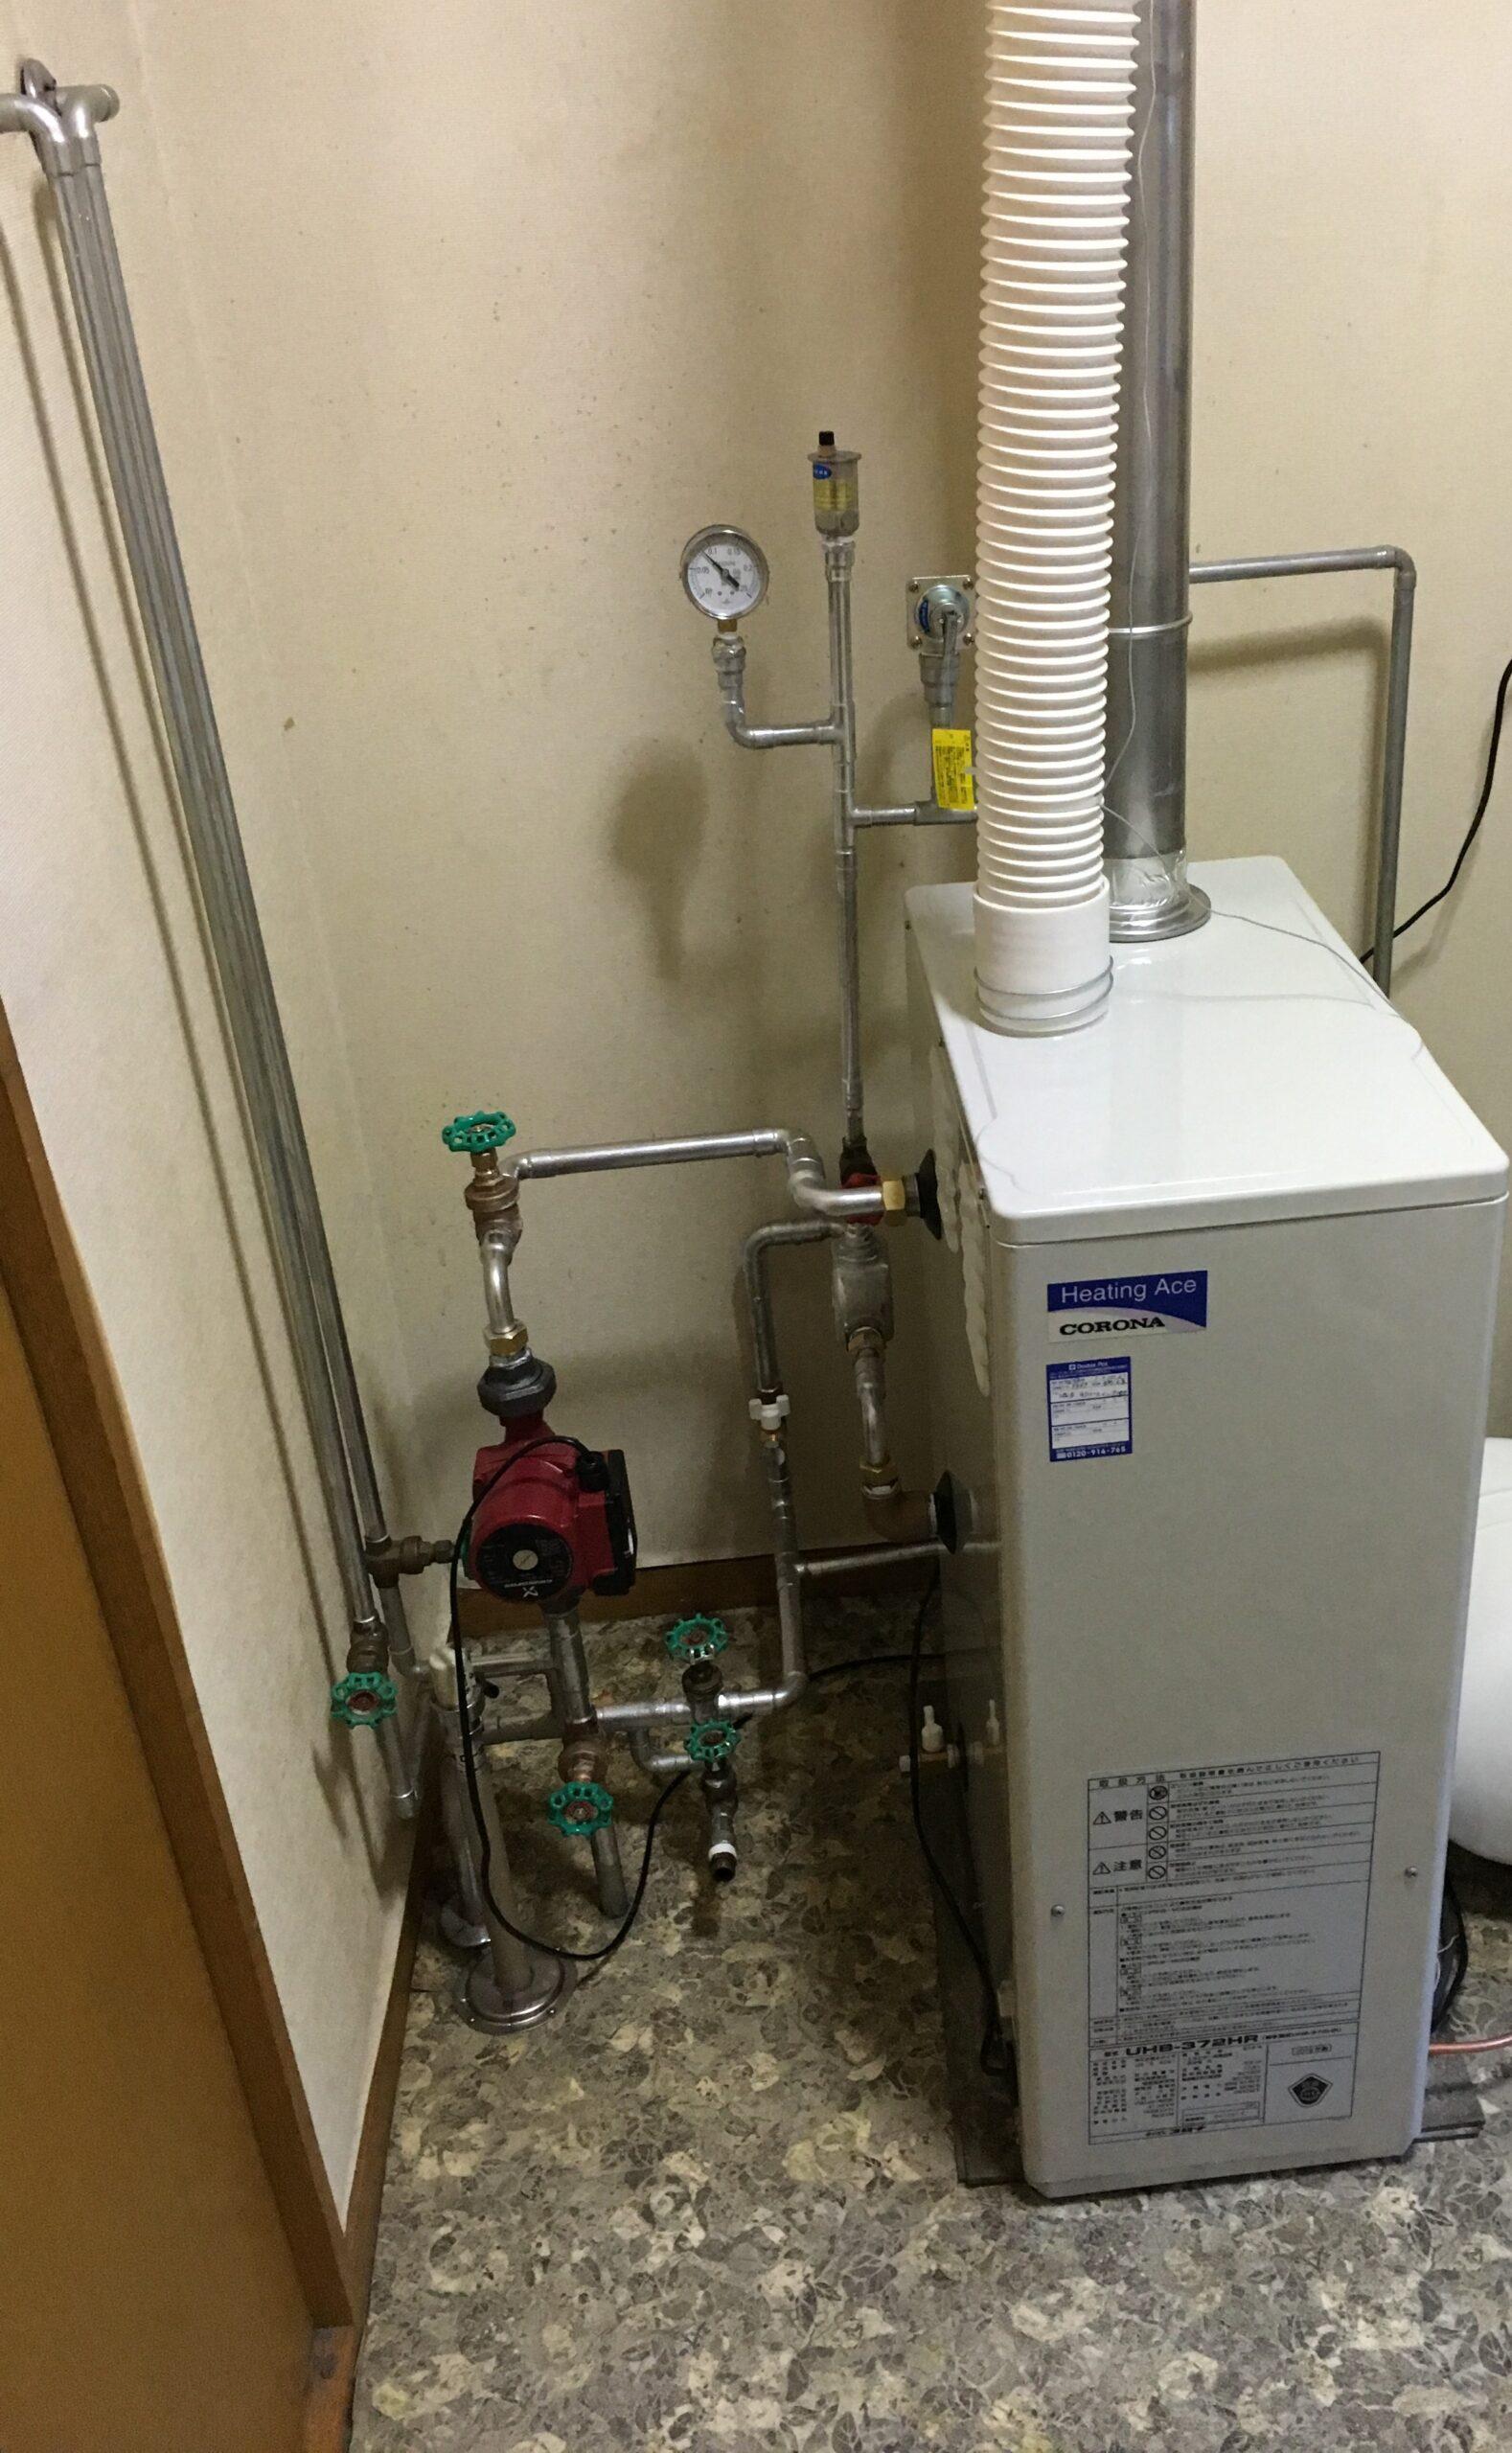 ナショナル暖房ボイラーからコロナ暖房ボイラーに交換